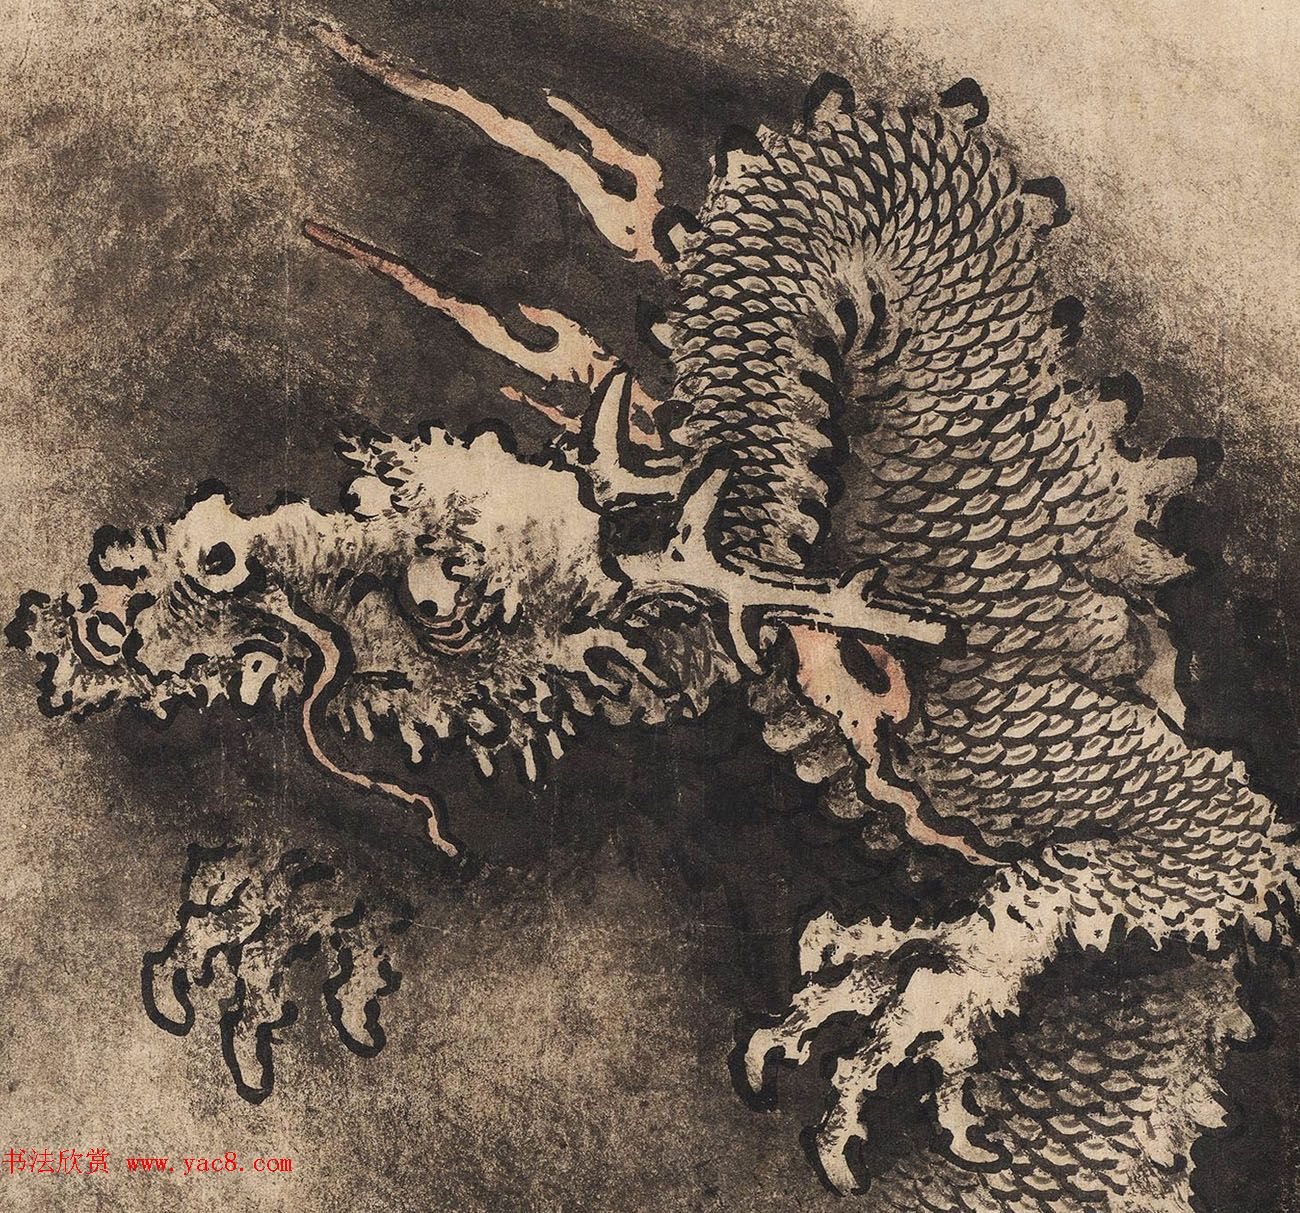 南宋画家陈容绘《九龙图》_美国馆藏